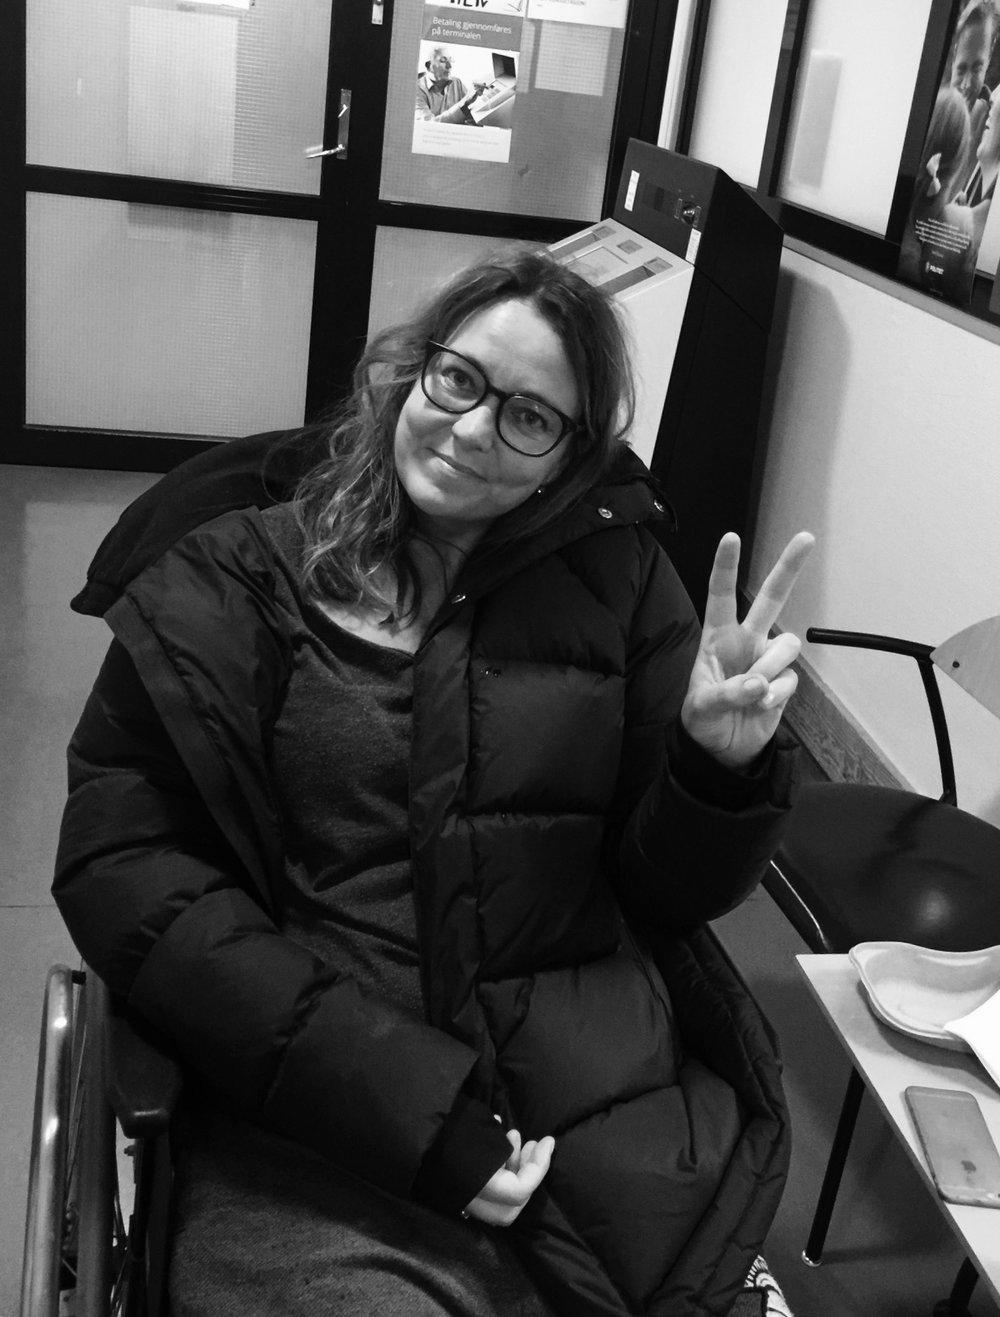 På legevakten på tampen av 2016: Smertetårene er tørket opp. Jeg får en rullestol å sitte i, og smiler tappert mens jeg gjør V-tegnet.